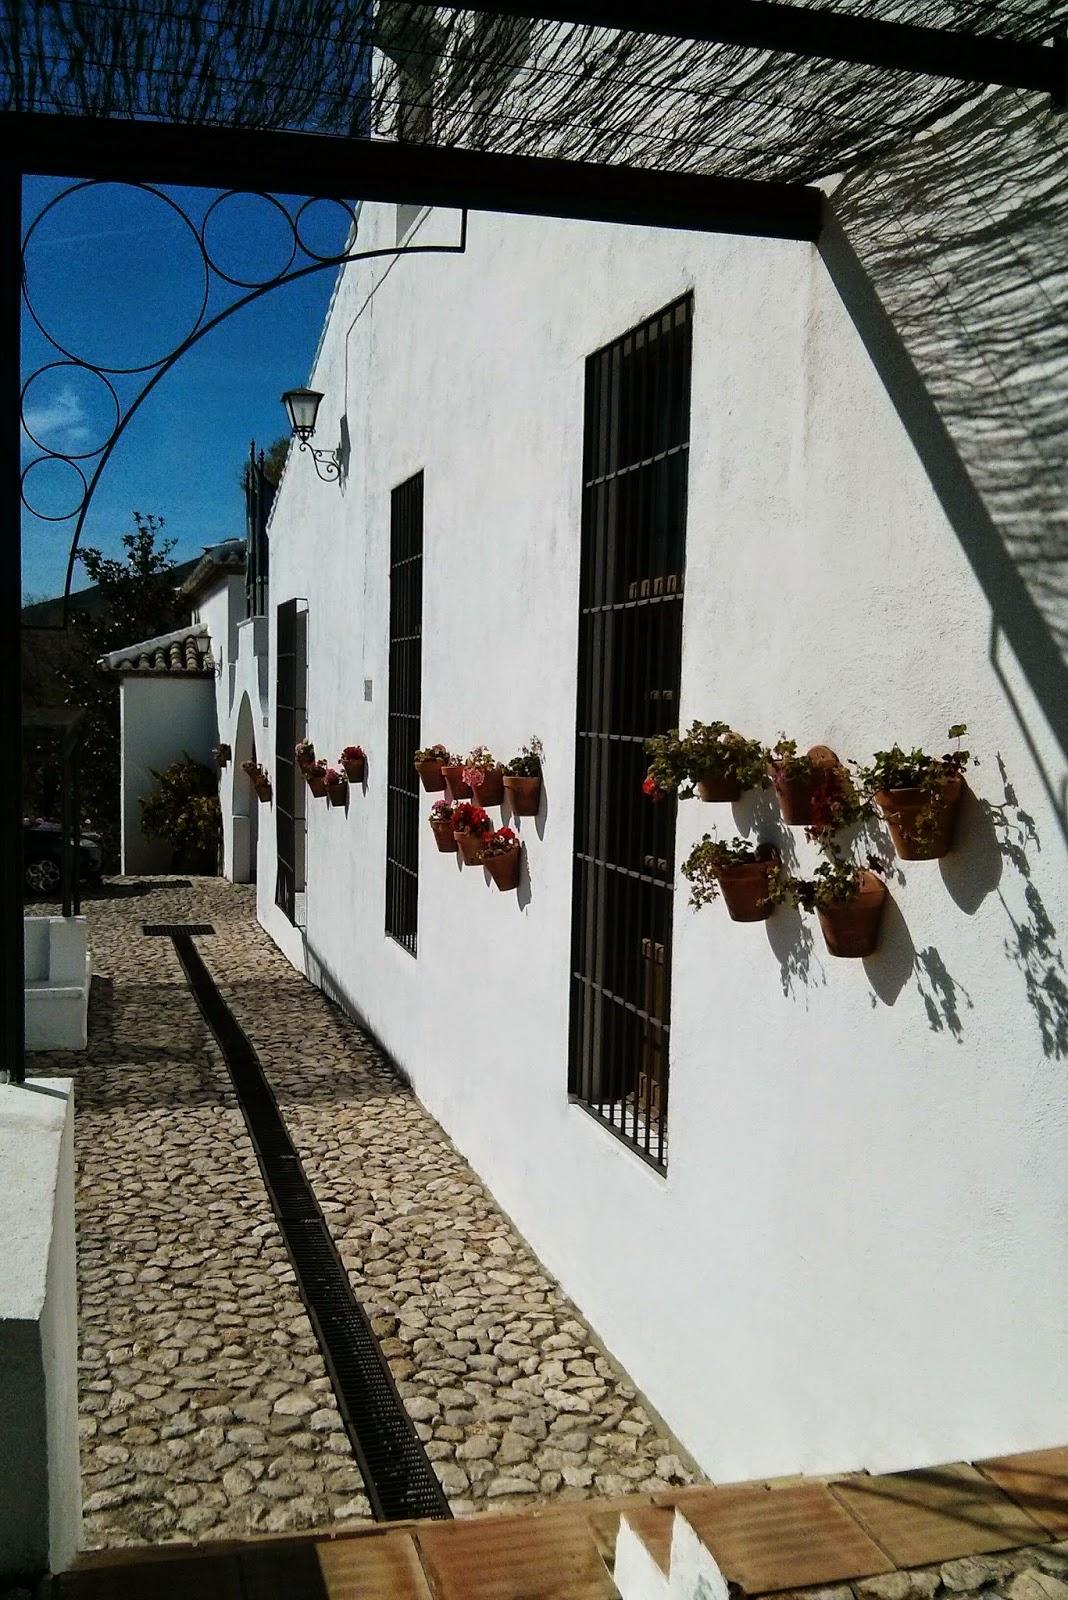 Villa Turística de Priego - Edificio principal